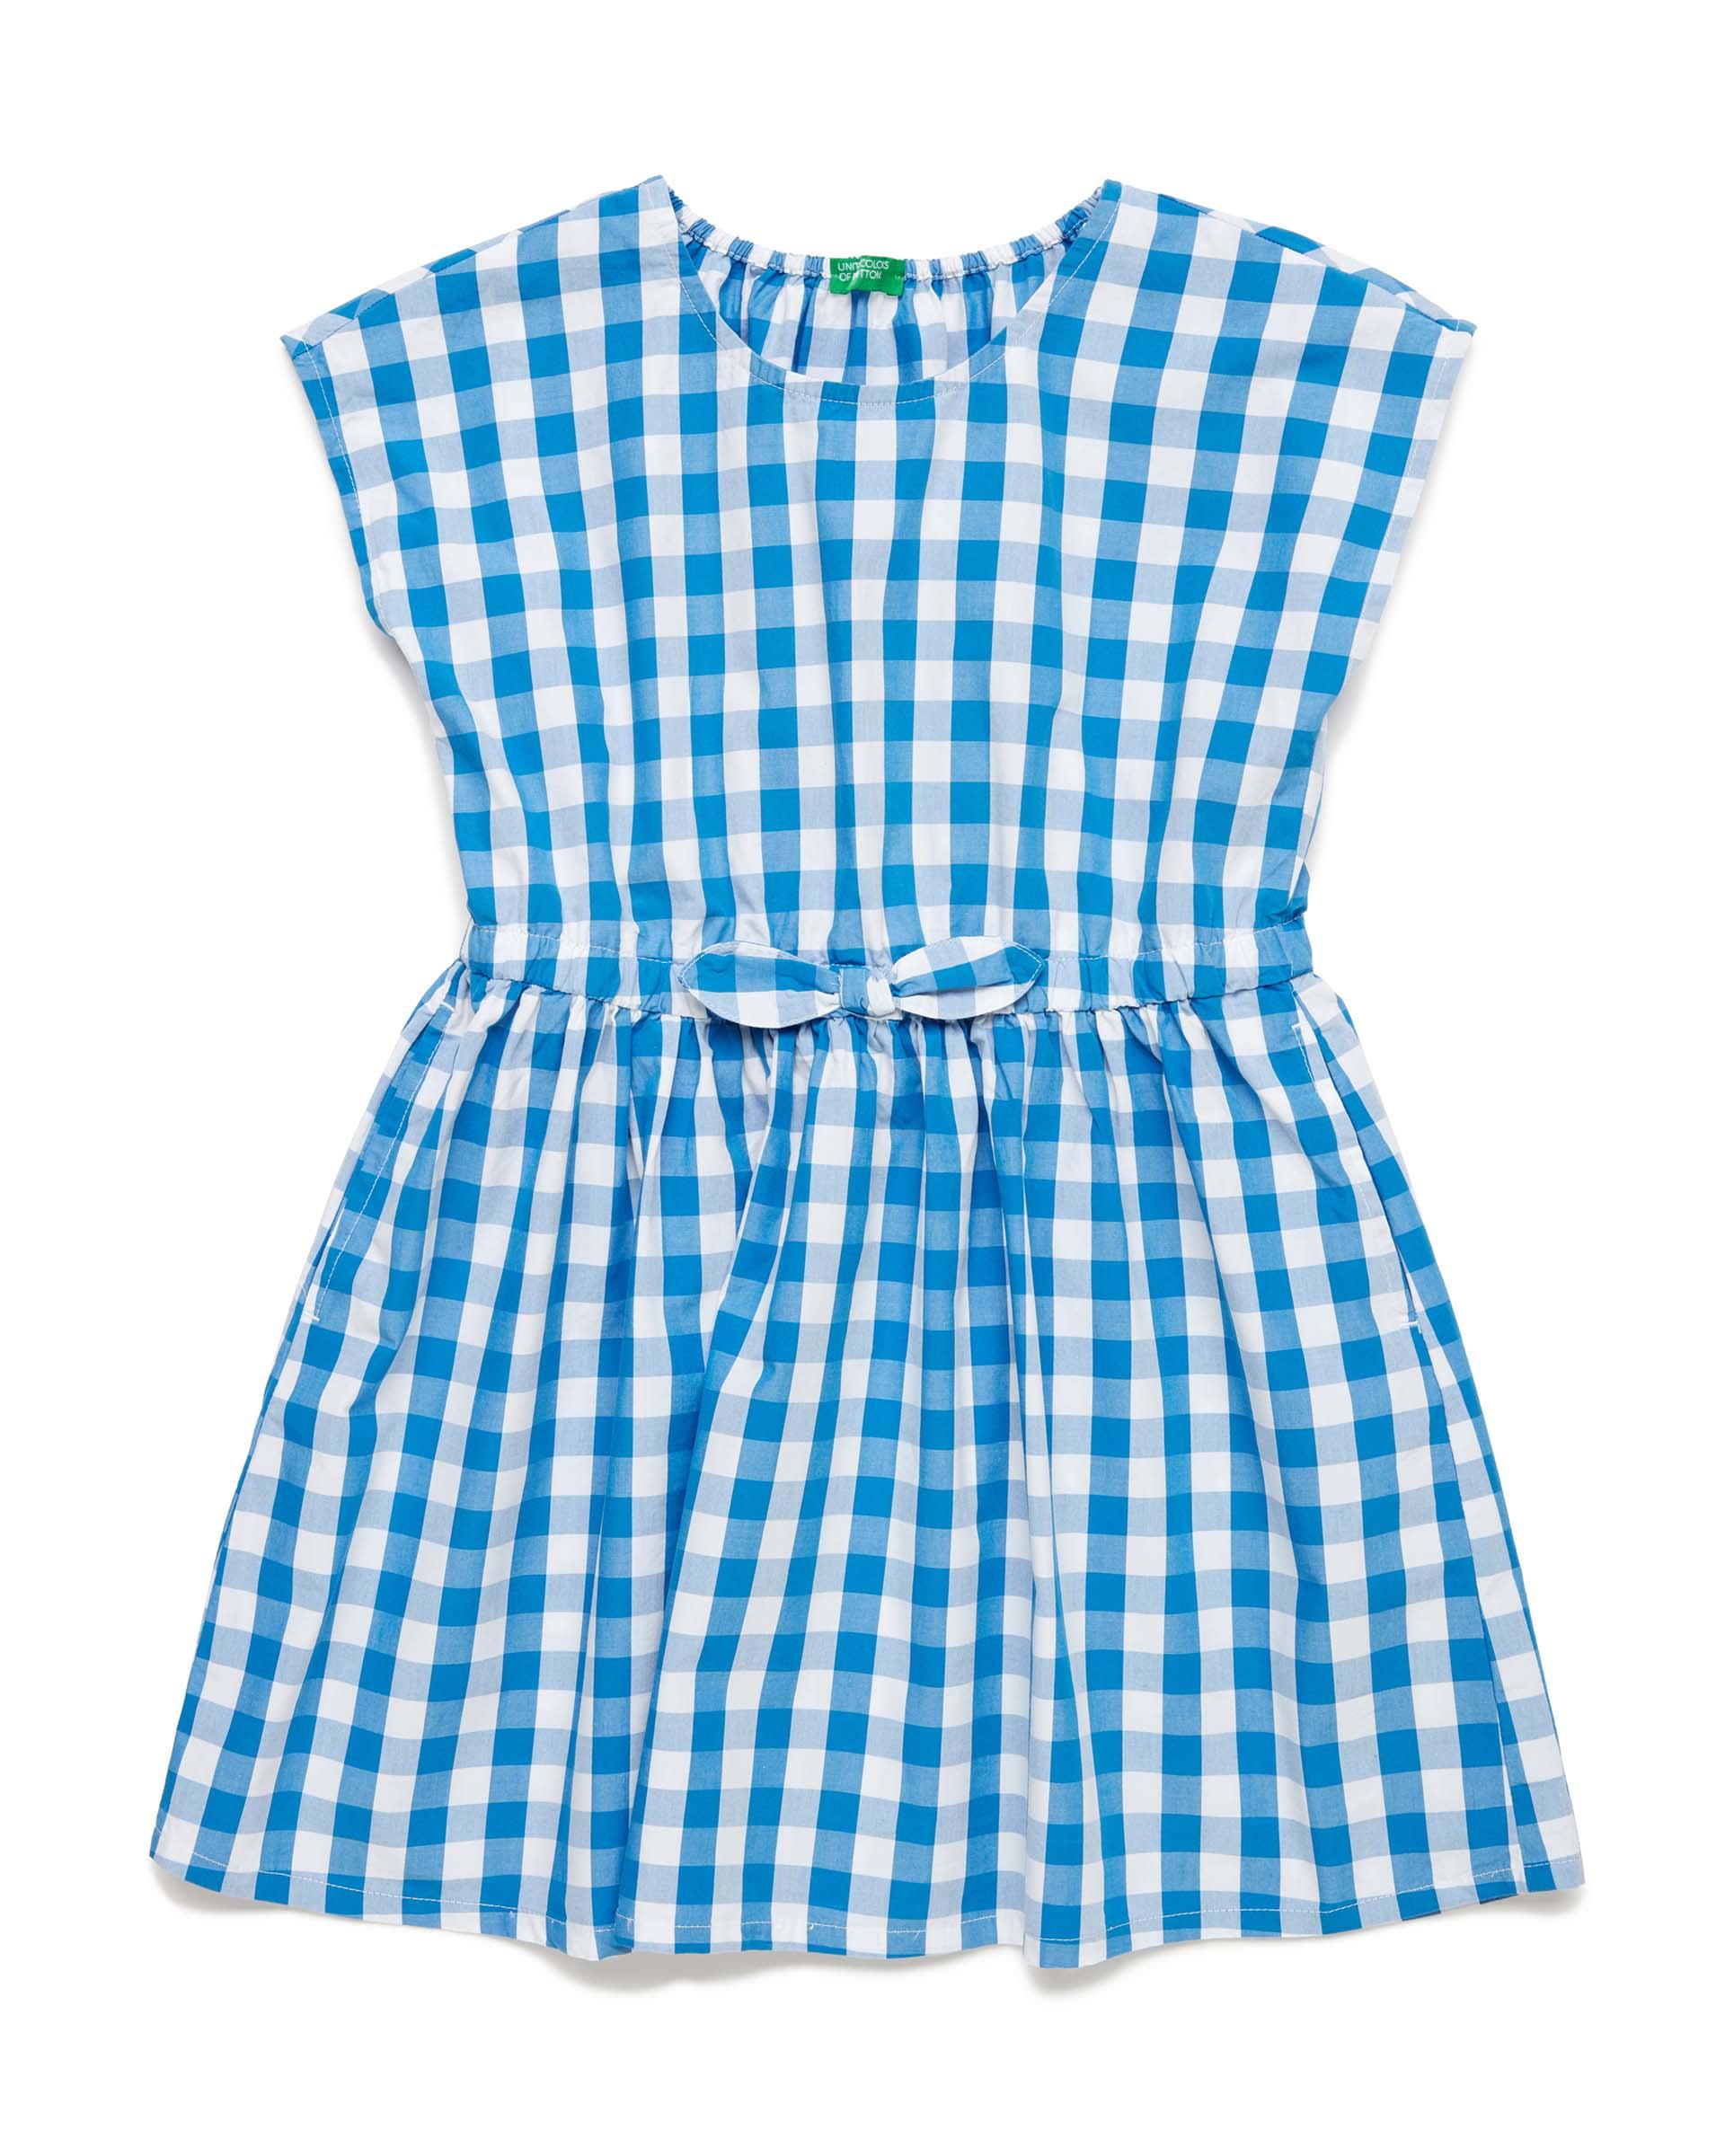 Купить 20P_4OT75VDG0_910, Платье для девочек Benetton 4OT75VDG0_910 р-р 140, United Colors of Benetton, Платья для девочек